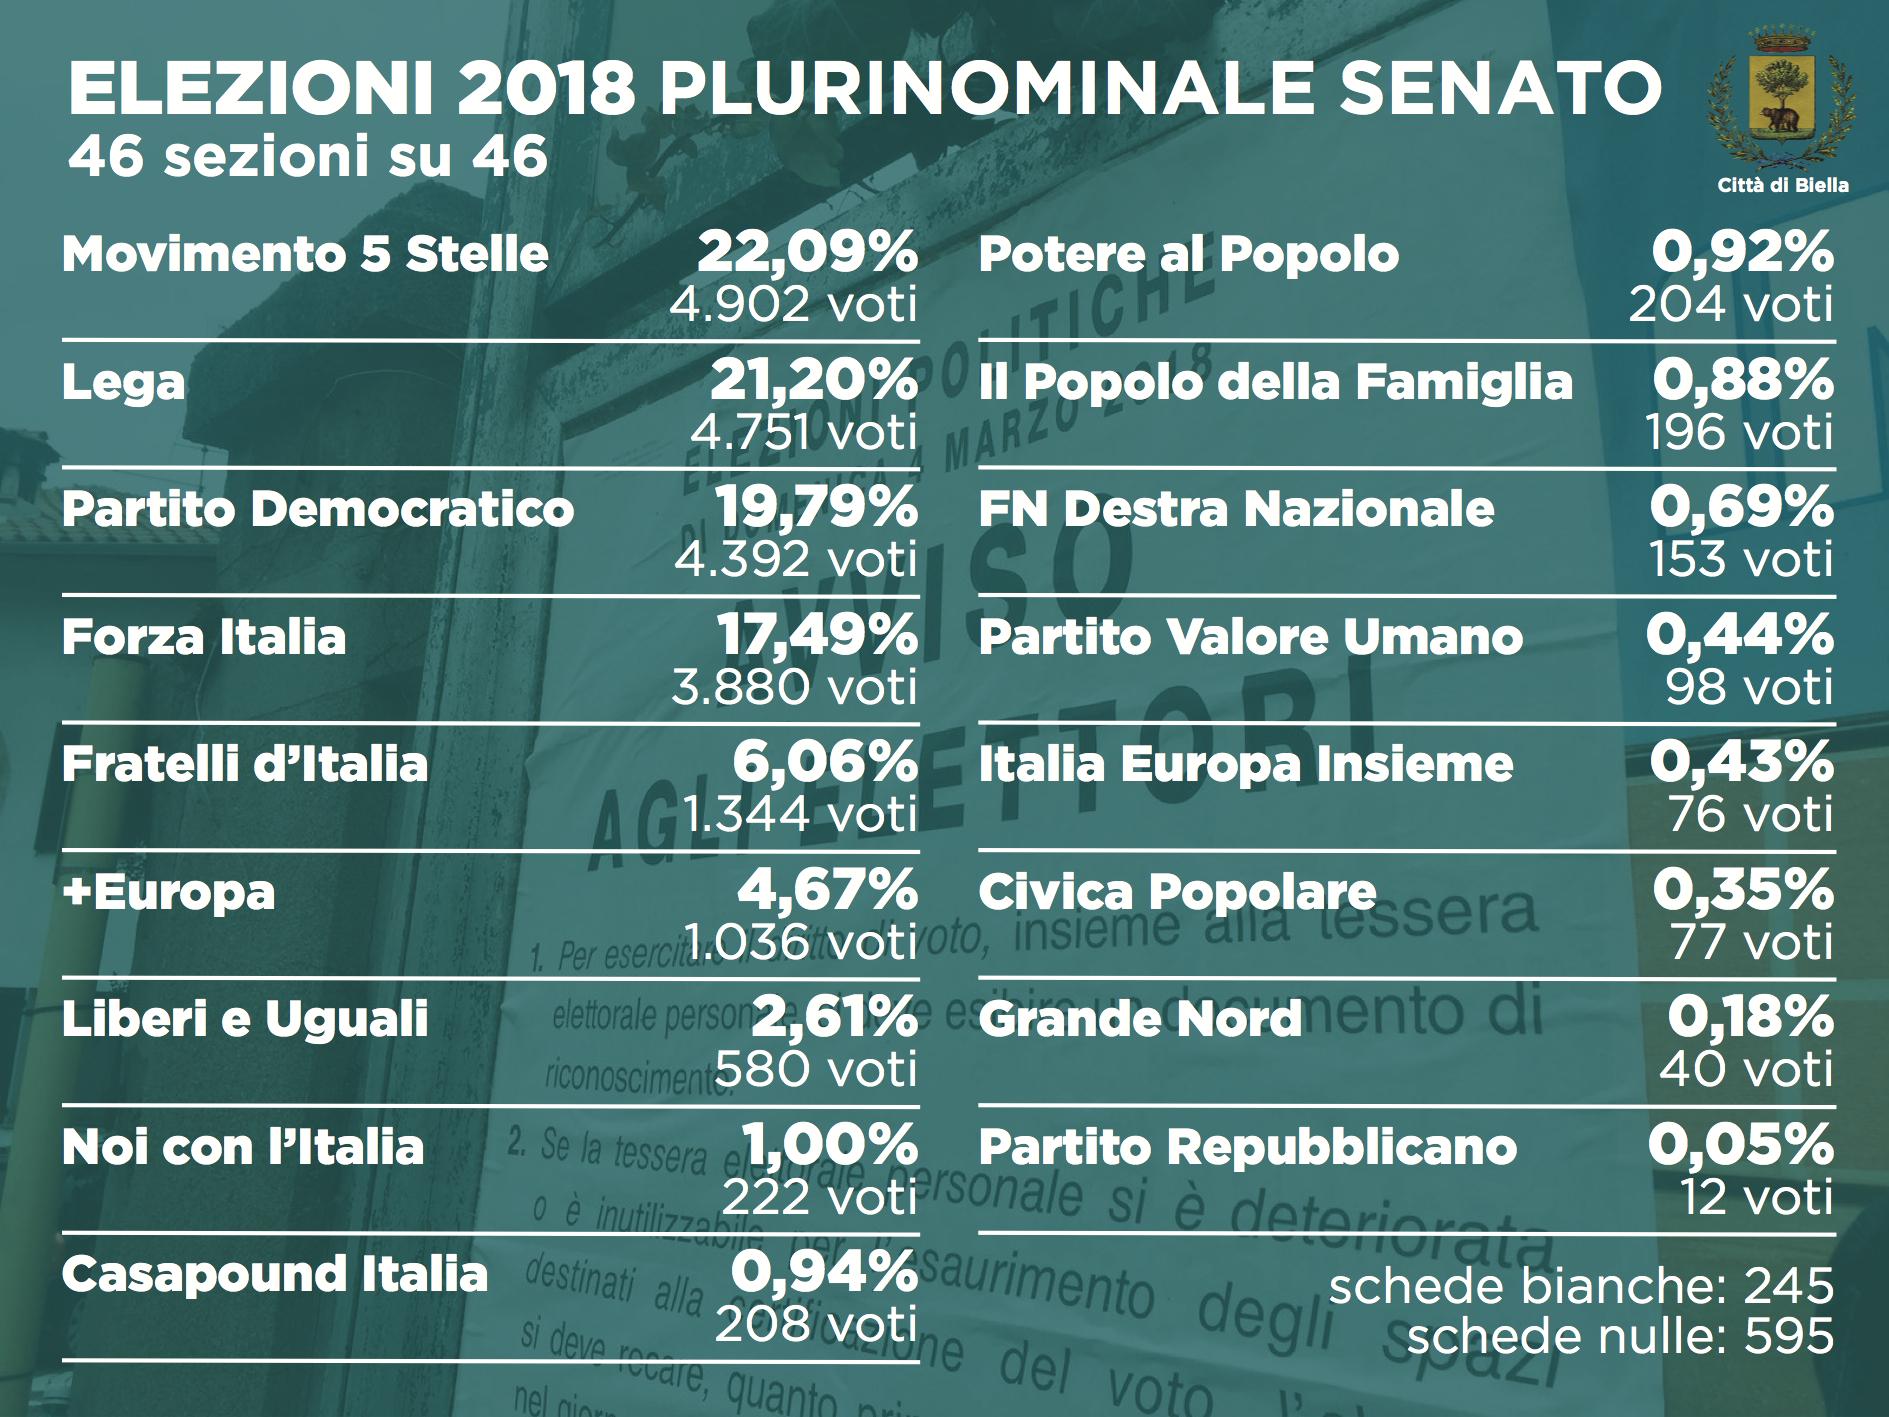 Elezioni 2018: i dati definitivi del plurinominale al Senato